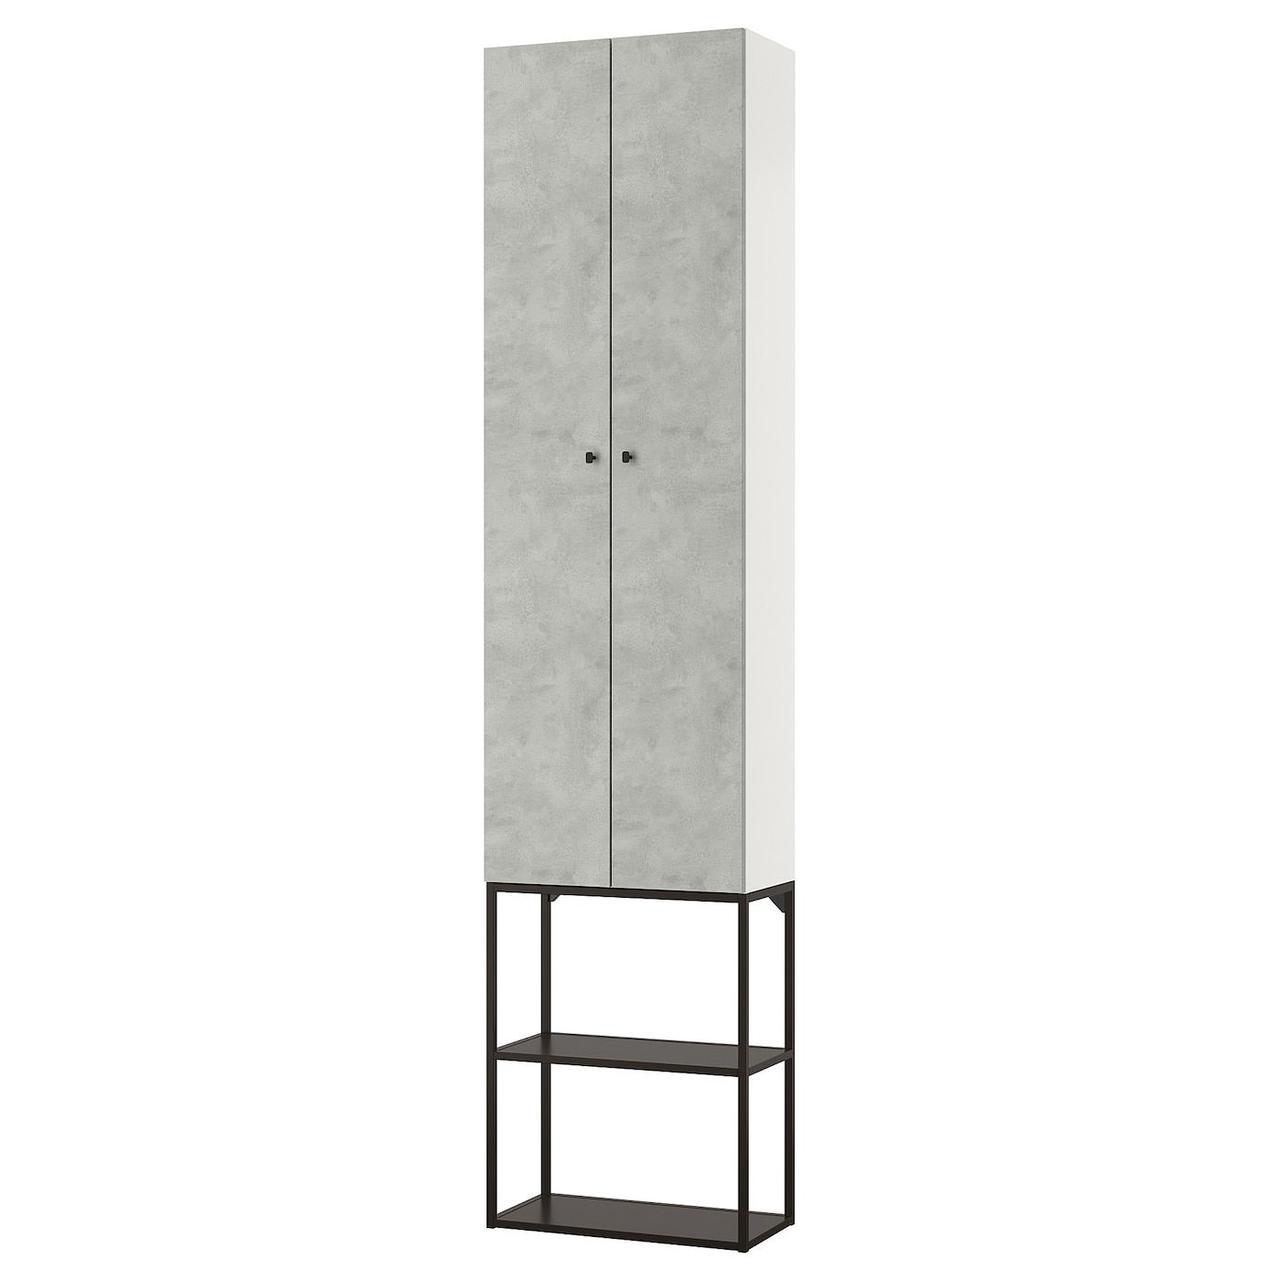 IKEA ENHET (ІКЕА ENHET) 59331418